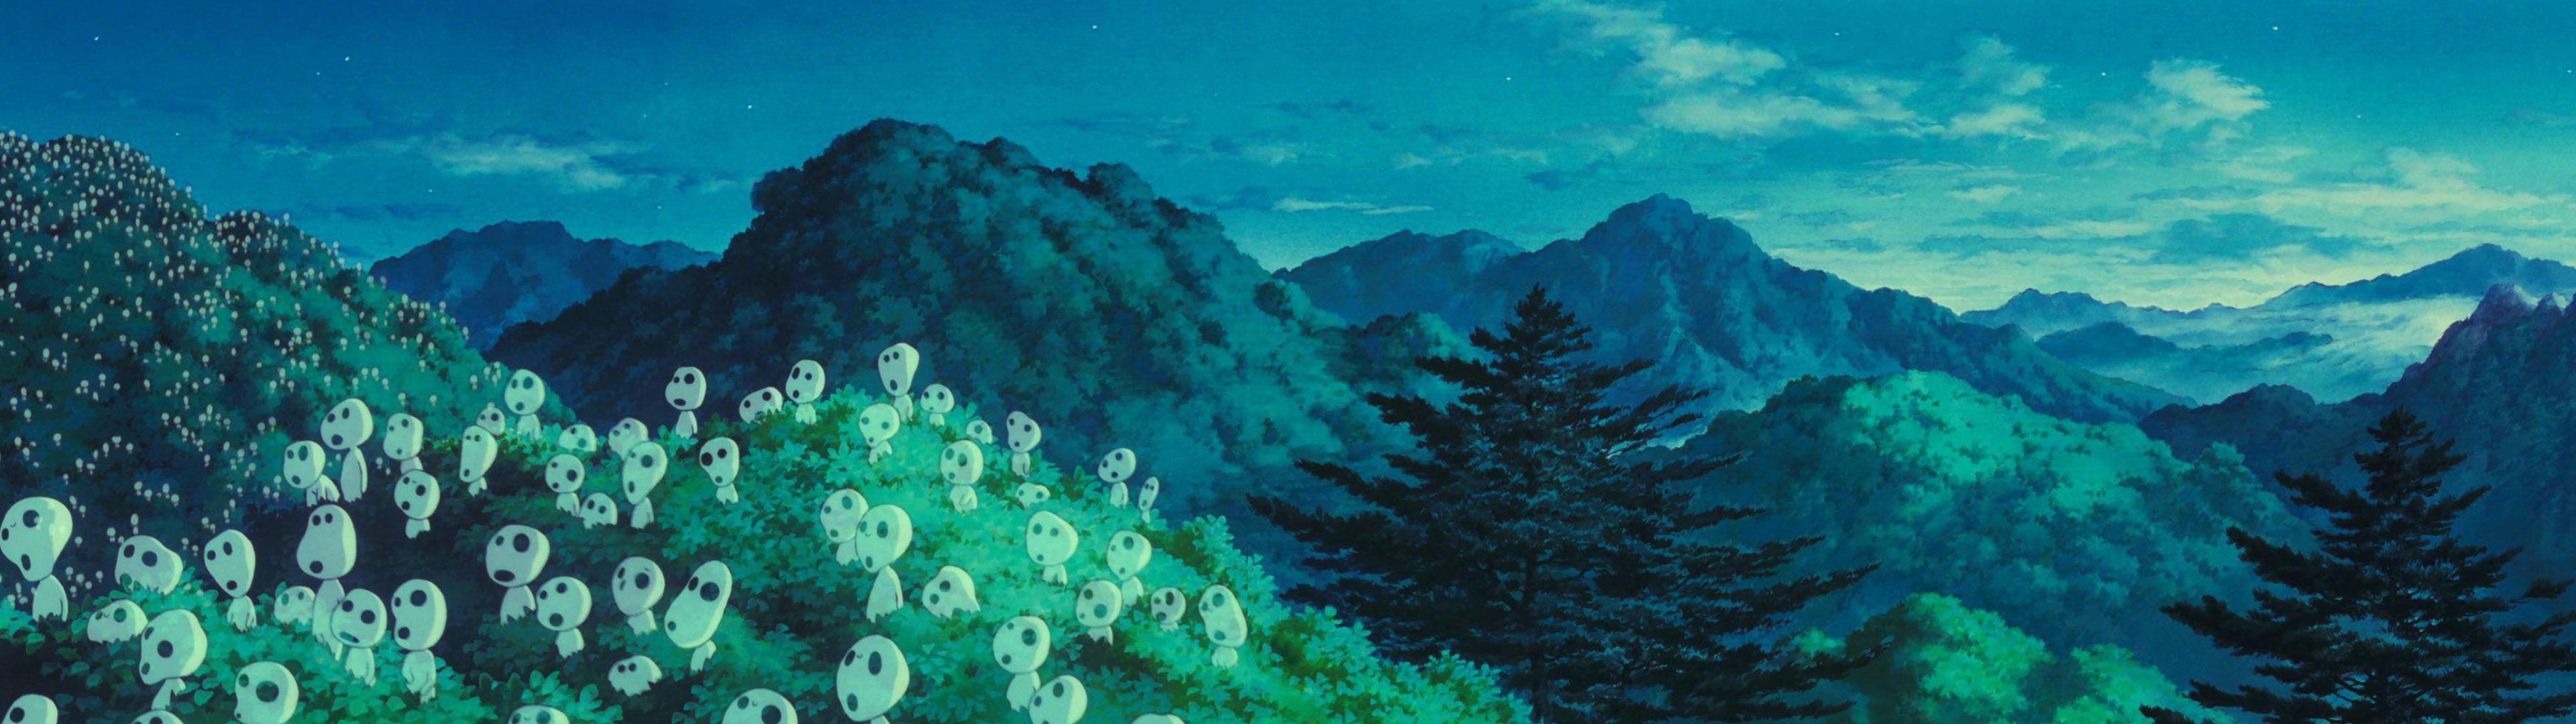 Hình nền Kodama Princess Mononoke màn hình kép 3840x1080